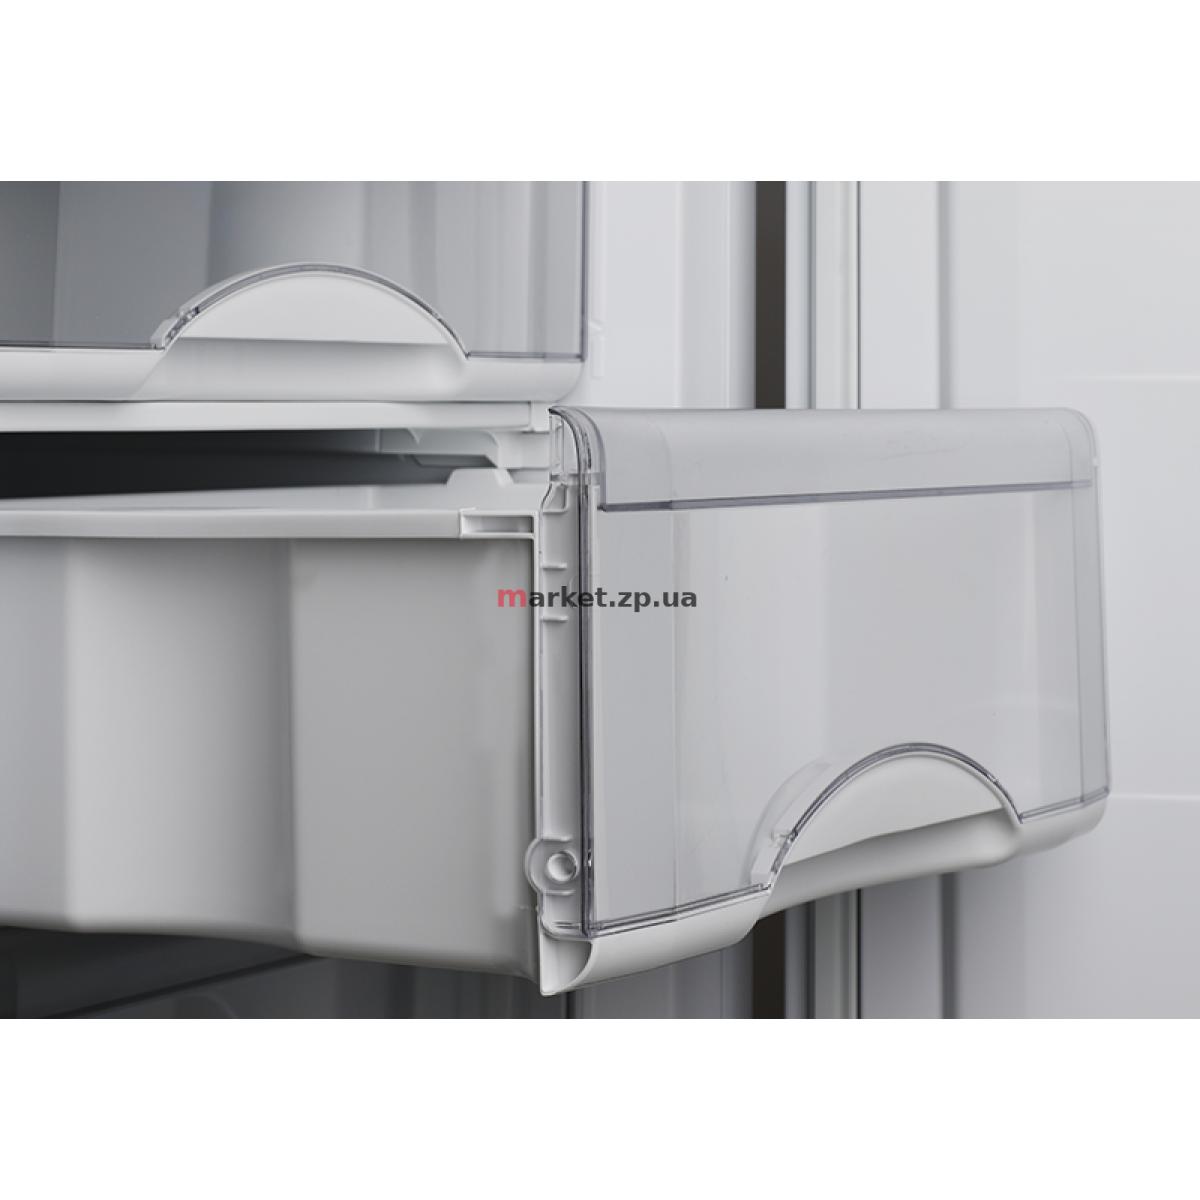 Морозильная камера ATLANT M-7203-501